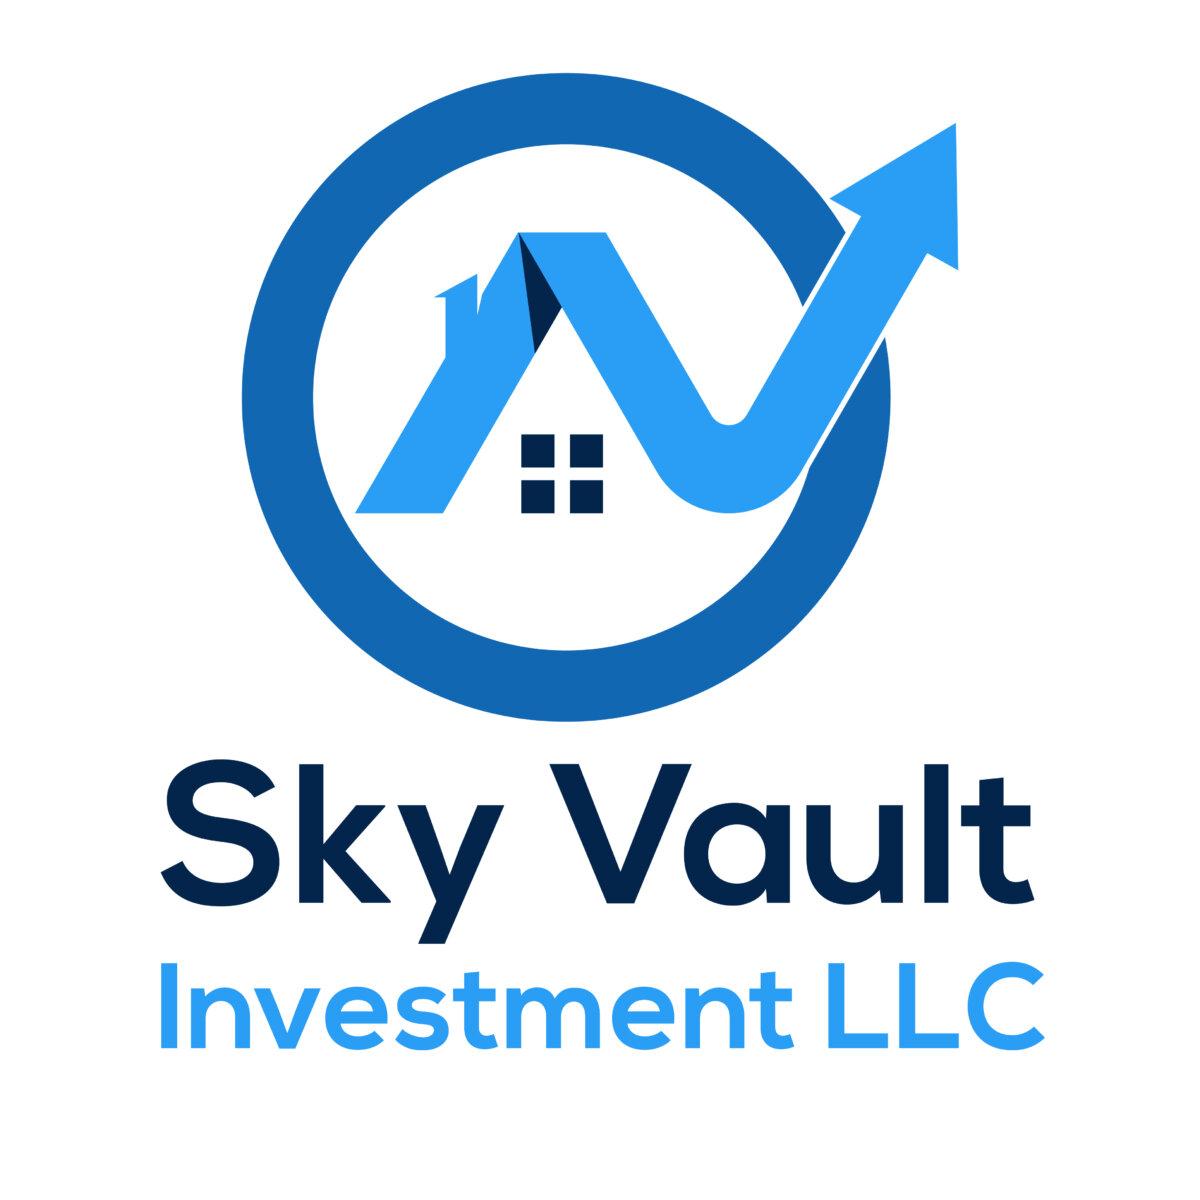 www.skyvaultinvestment.com logo